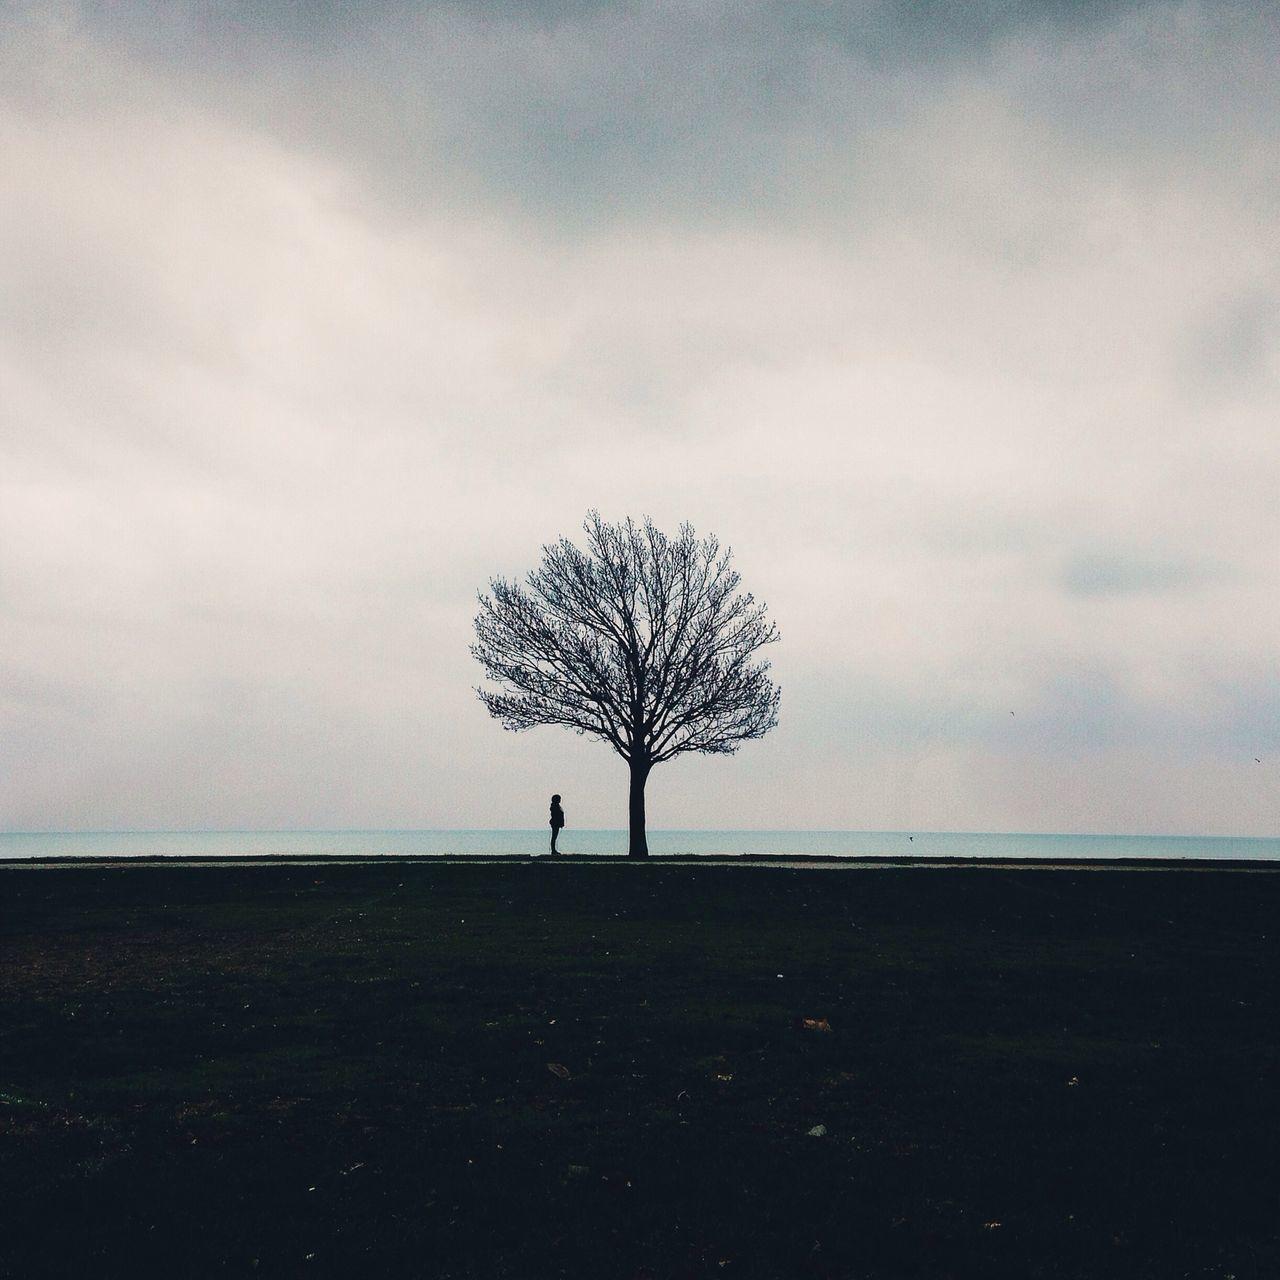 Solotree